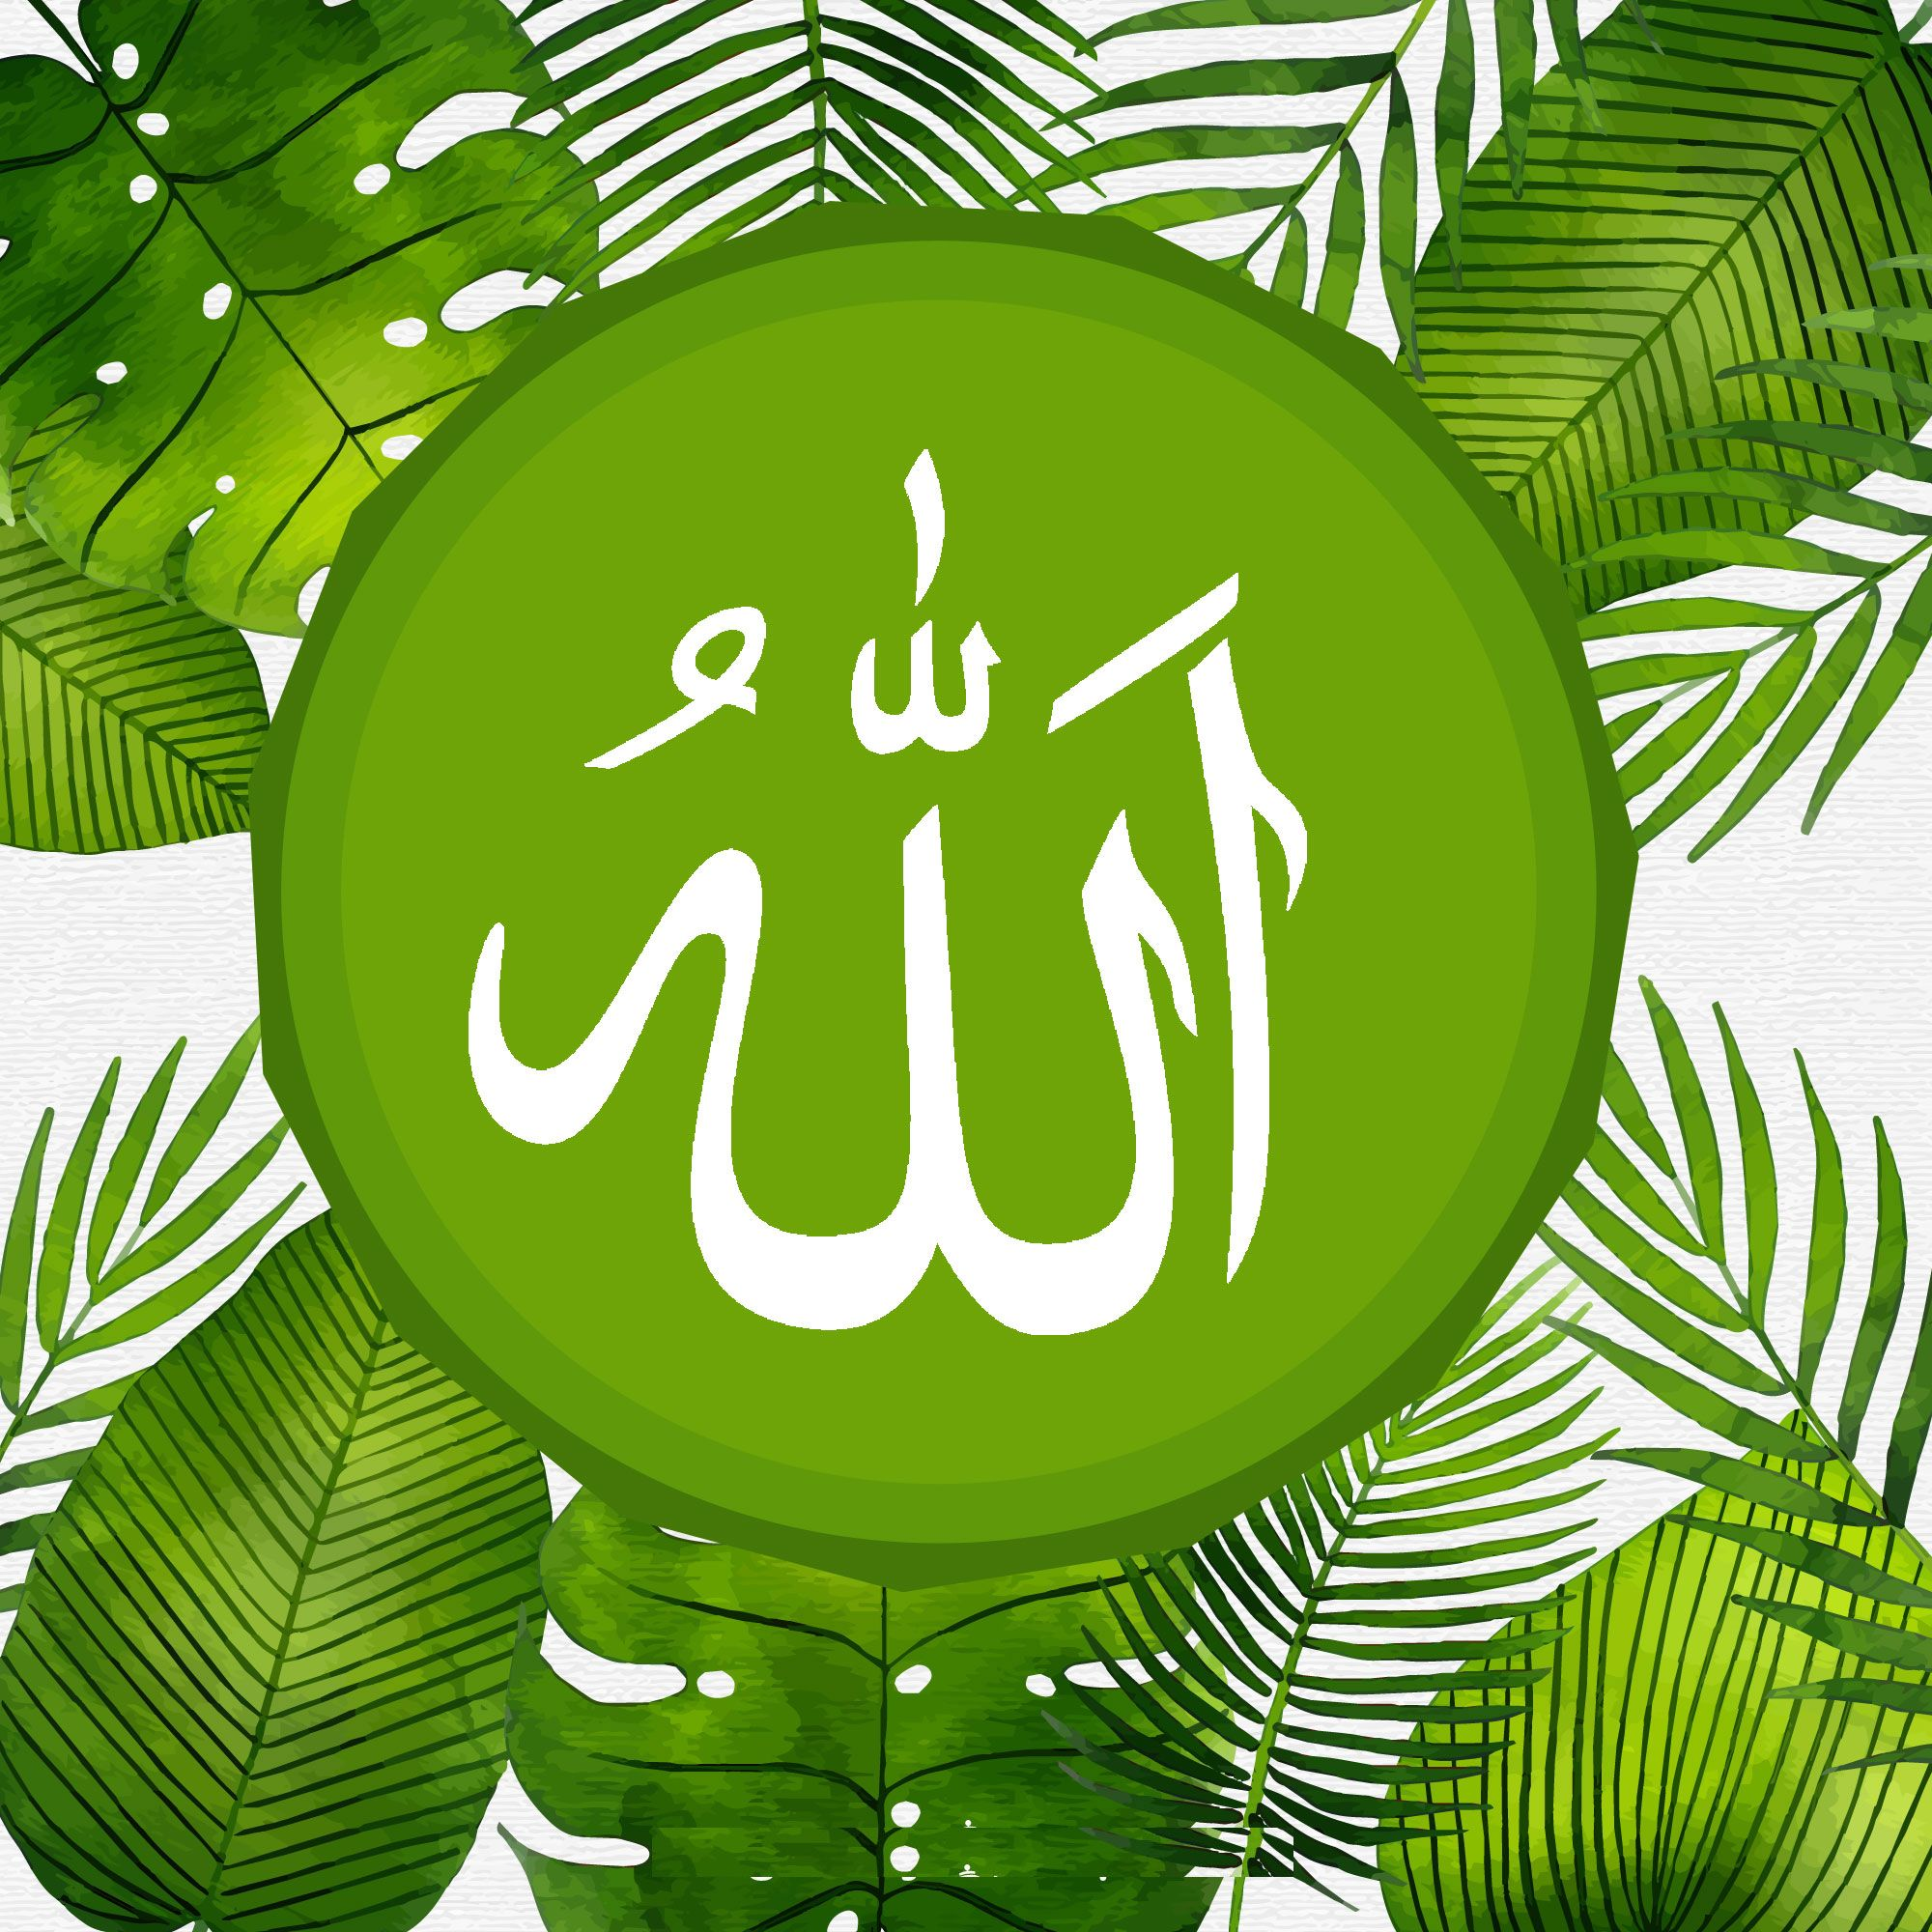 Wa 081 946 542 871 Hiasan Dinding Kalimah Allah Hiasan Dinding Lafadz Allah Poster Seni Dinding Gambar